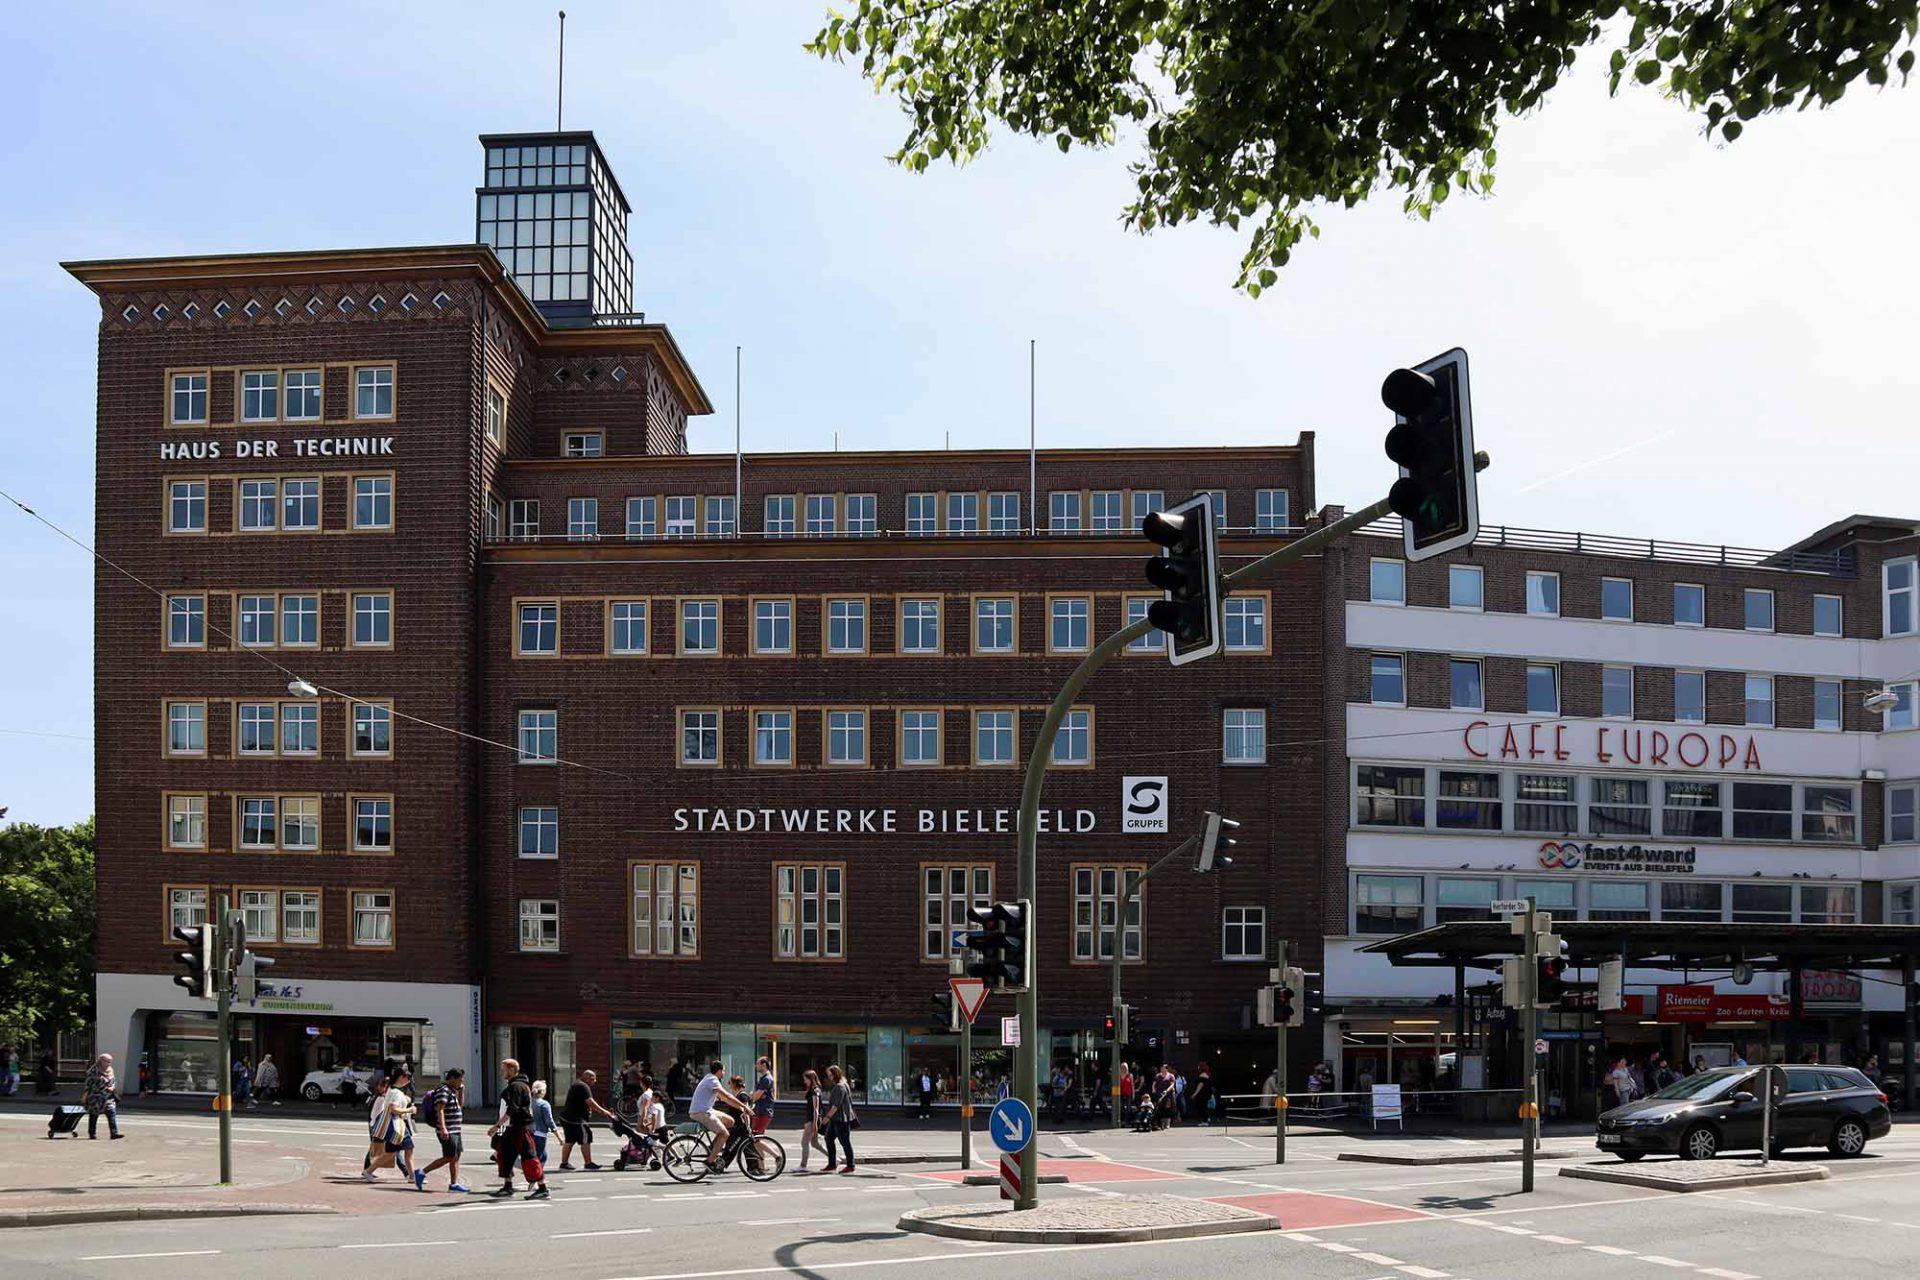 Haus der Technik. Bei seiner Eröffnung 1929 wurde das Gebäude als neumodisch kritisiert. Heute zählt es ebenso wie des ein Jahr später eröffnete, benachbarte Café Europa zu den schönsten Bauwerken am Jahnplatz.